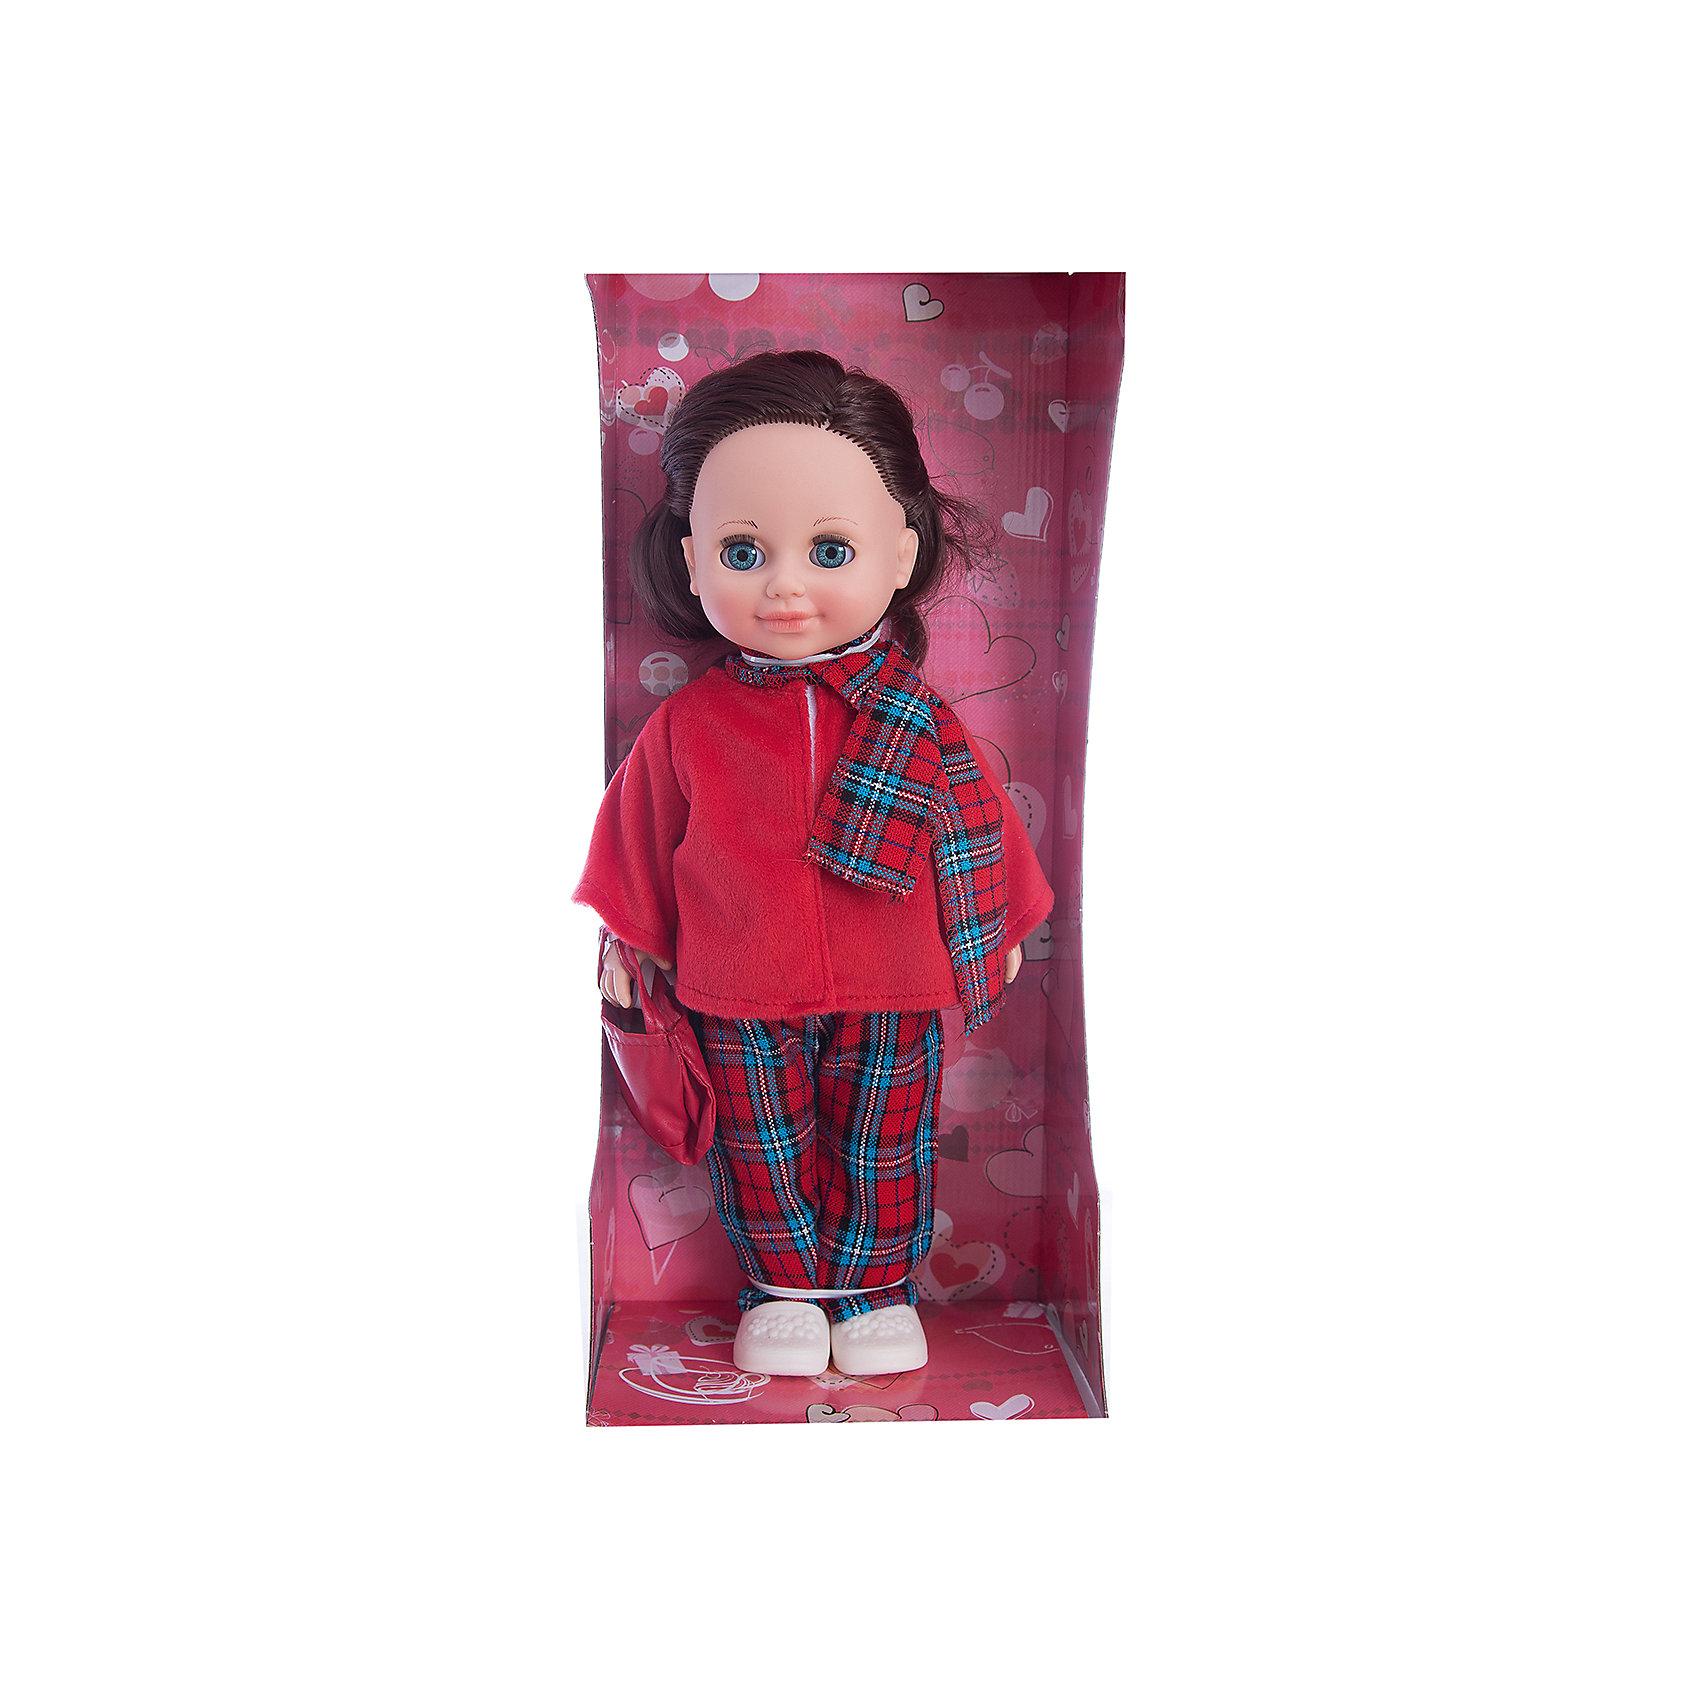 Кукла Анна 12, со звуком, ВеснаИнтерактивные куклы<br>Кукла Анна 12 со звуком от марки Весна<br><br>Симпатичная и качественная кукла от отечественного производителя способна не просто помочь ребенку весело проводить время, но и научить девочку одеваться по сезону. На ней - теплый костюм, сумочка и ботинки, всё можно снимать и надевать.<br>Кукла произносит несколько фраз, механизм работает от батареек, которые идут в комплекте. Очень красиво смотрятся длинные волосы, на которых можно делать прически. Сделана игрушка из качественных и безопасных для ребенка материалов.<br><br>Отличительные особенности куклы:<br><br>- материал: пластмасса;<br>- волосы: прошивные;<br>- звуковой модуль;<br>- голова поворачивается;<br>- руки и ноги гнутся;<br>- снимающаяся одежда и обувь;<br>- закрывающиеся глаза;<br>- высота: 42 см.<br><br>Комплектация:<br><br>- одежда;<br>- три батарейки СЦ 357.<br><br>Куклу Анна 12 со звуком от марки Весна можно купить в нашем магазине.<br><br>Ширина мм: 490<br>Глубина мм: 210<br>Высота мм: 130<br>Вес г: 550<br>Возраст от месяцев: 36<br>Возраст до месяцев: 120<br>Пол: Женский<br>Возраст: Детский<br>SKU: 4650458